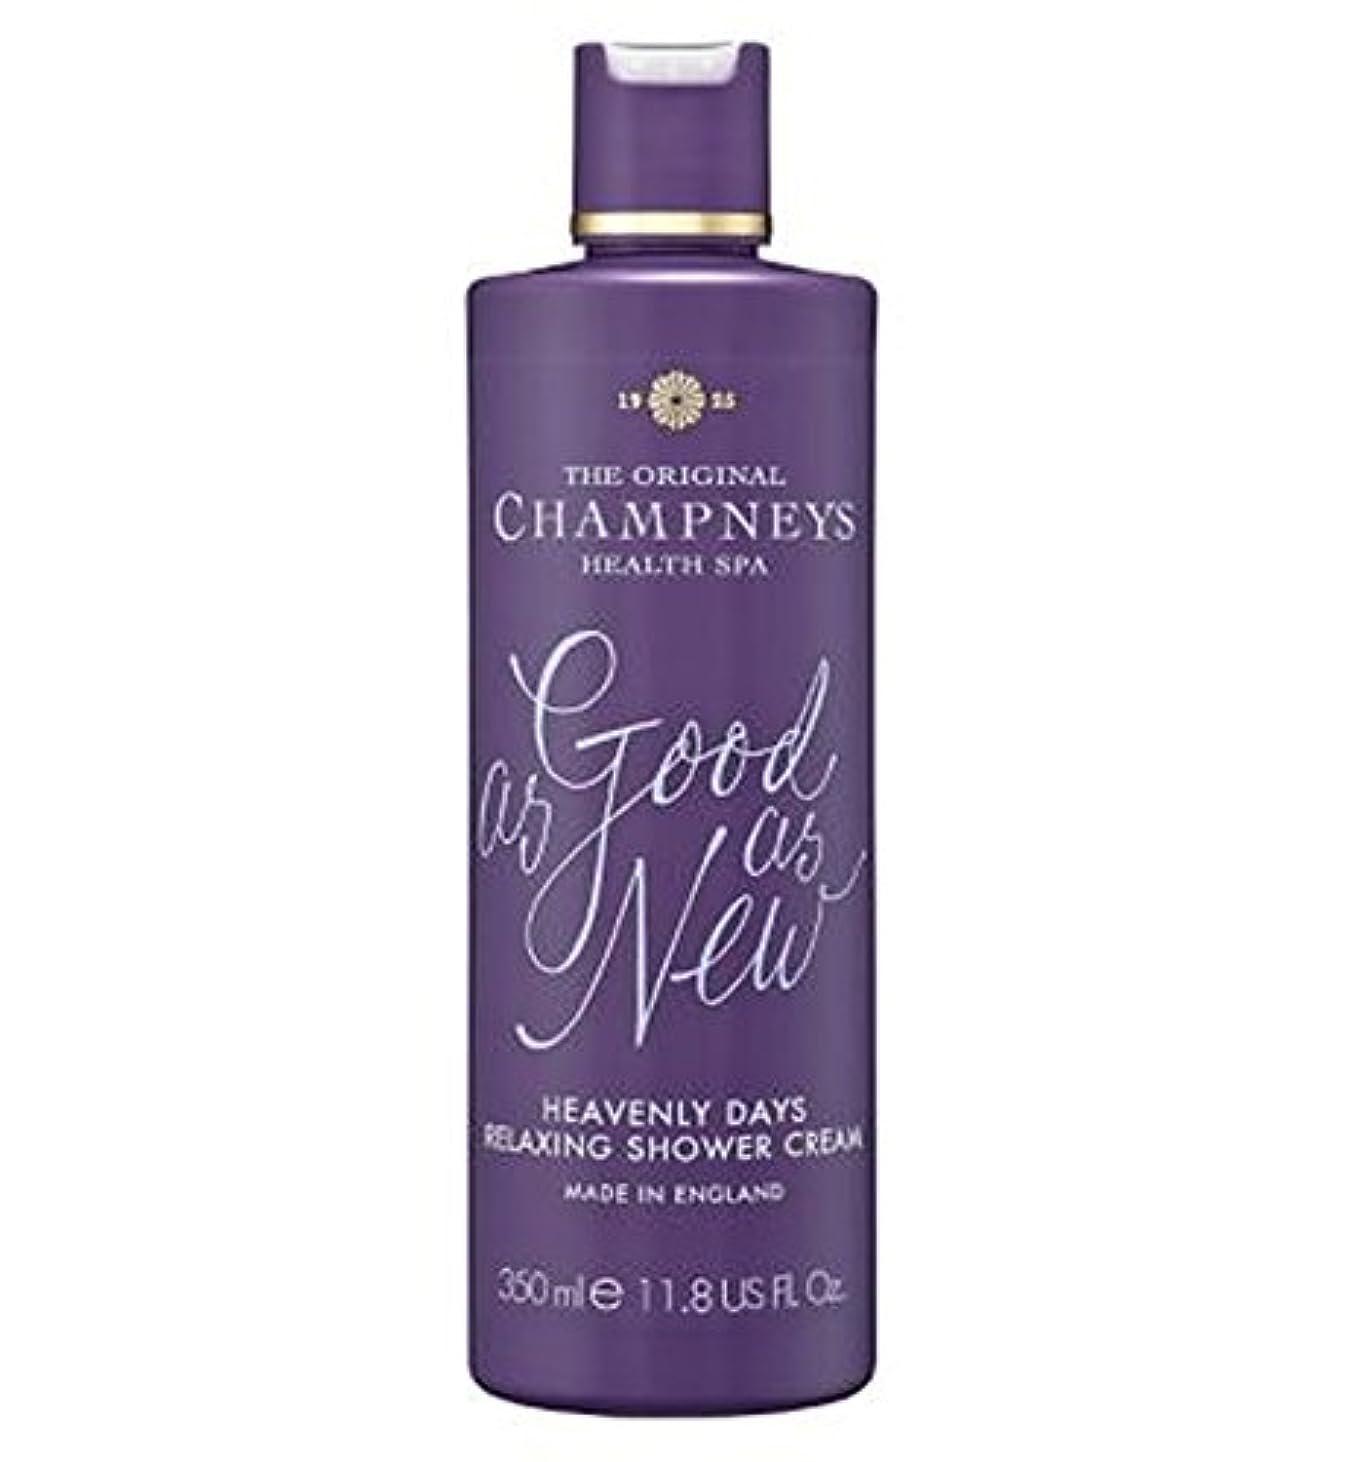 一見オリエンタル現実的Champneys Heavenly Days Relaxing Shower Cream 350ml - チャンプニーズ天の日のリラックスシャワークリーム350ミリリットル (Champneys) [並行輸入品]